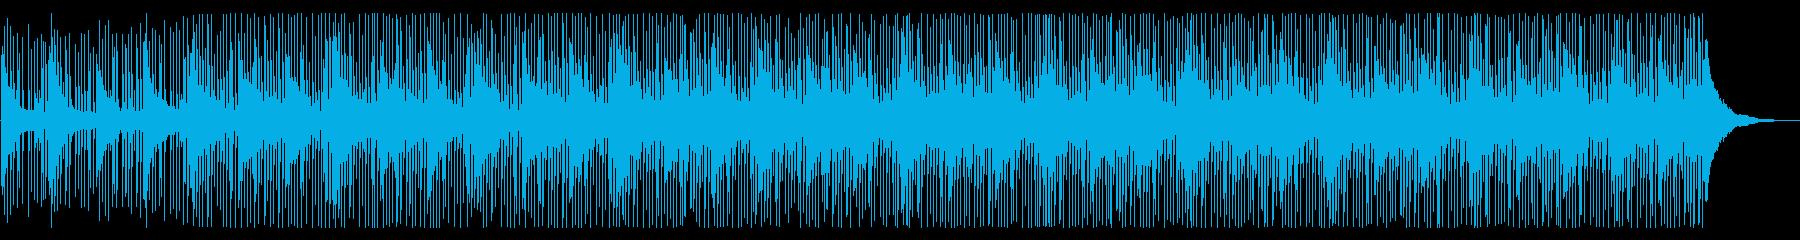 【キック抜】クールで落ち着いたEDMの再生済みの波形